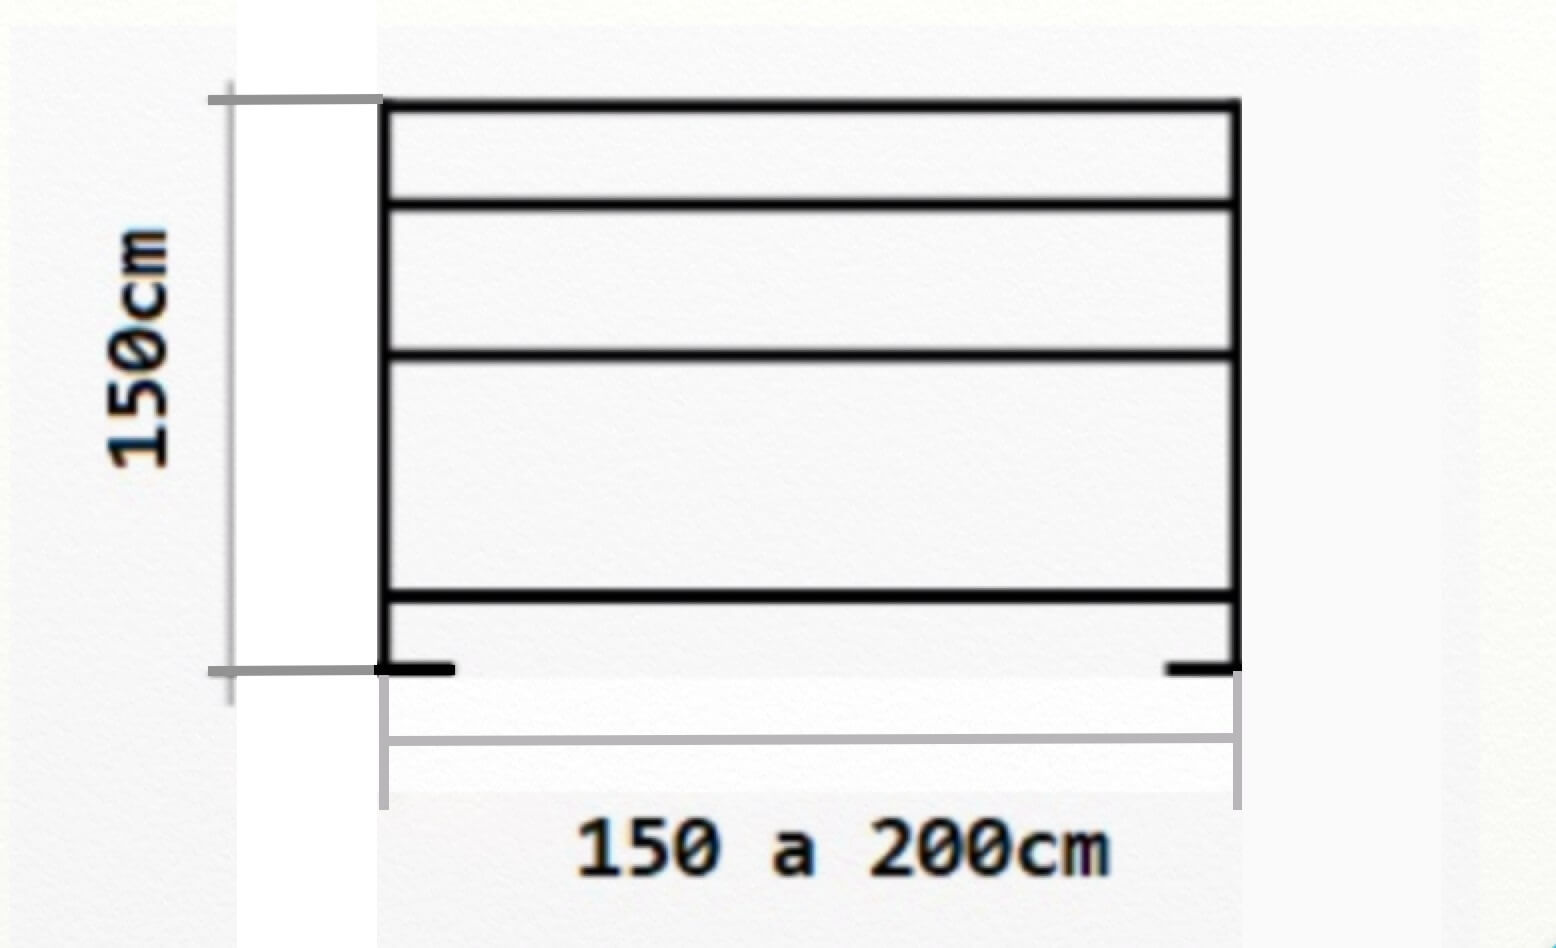 medidas del separador paraviento de terraza rigido para hostelería